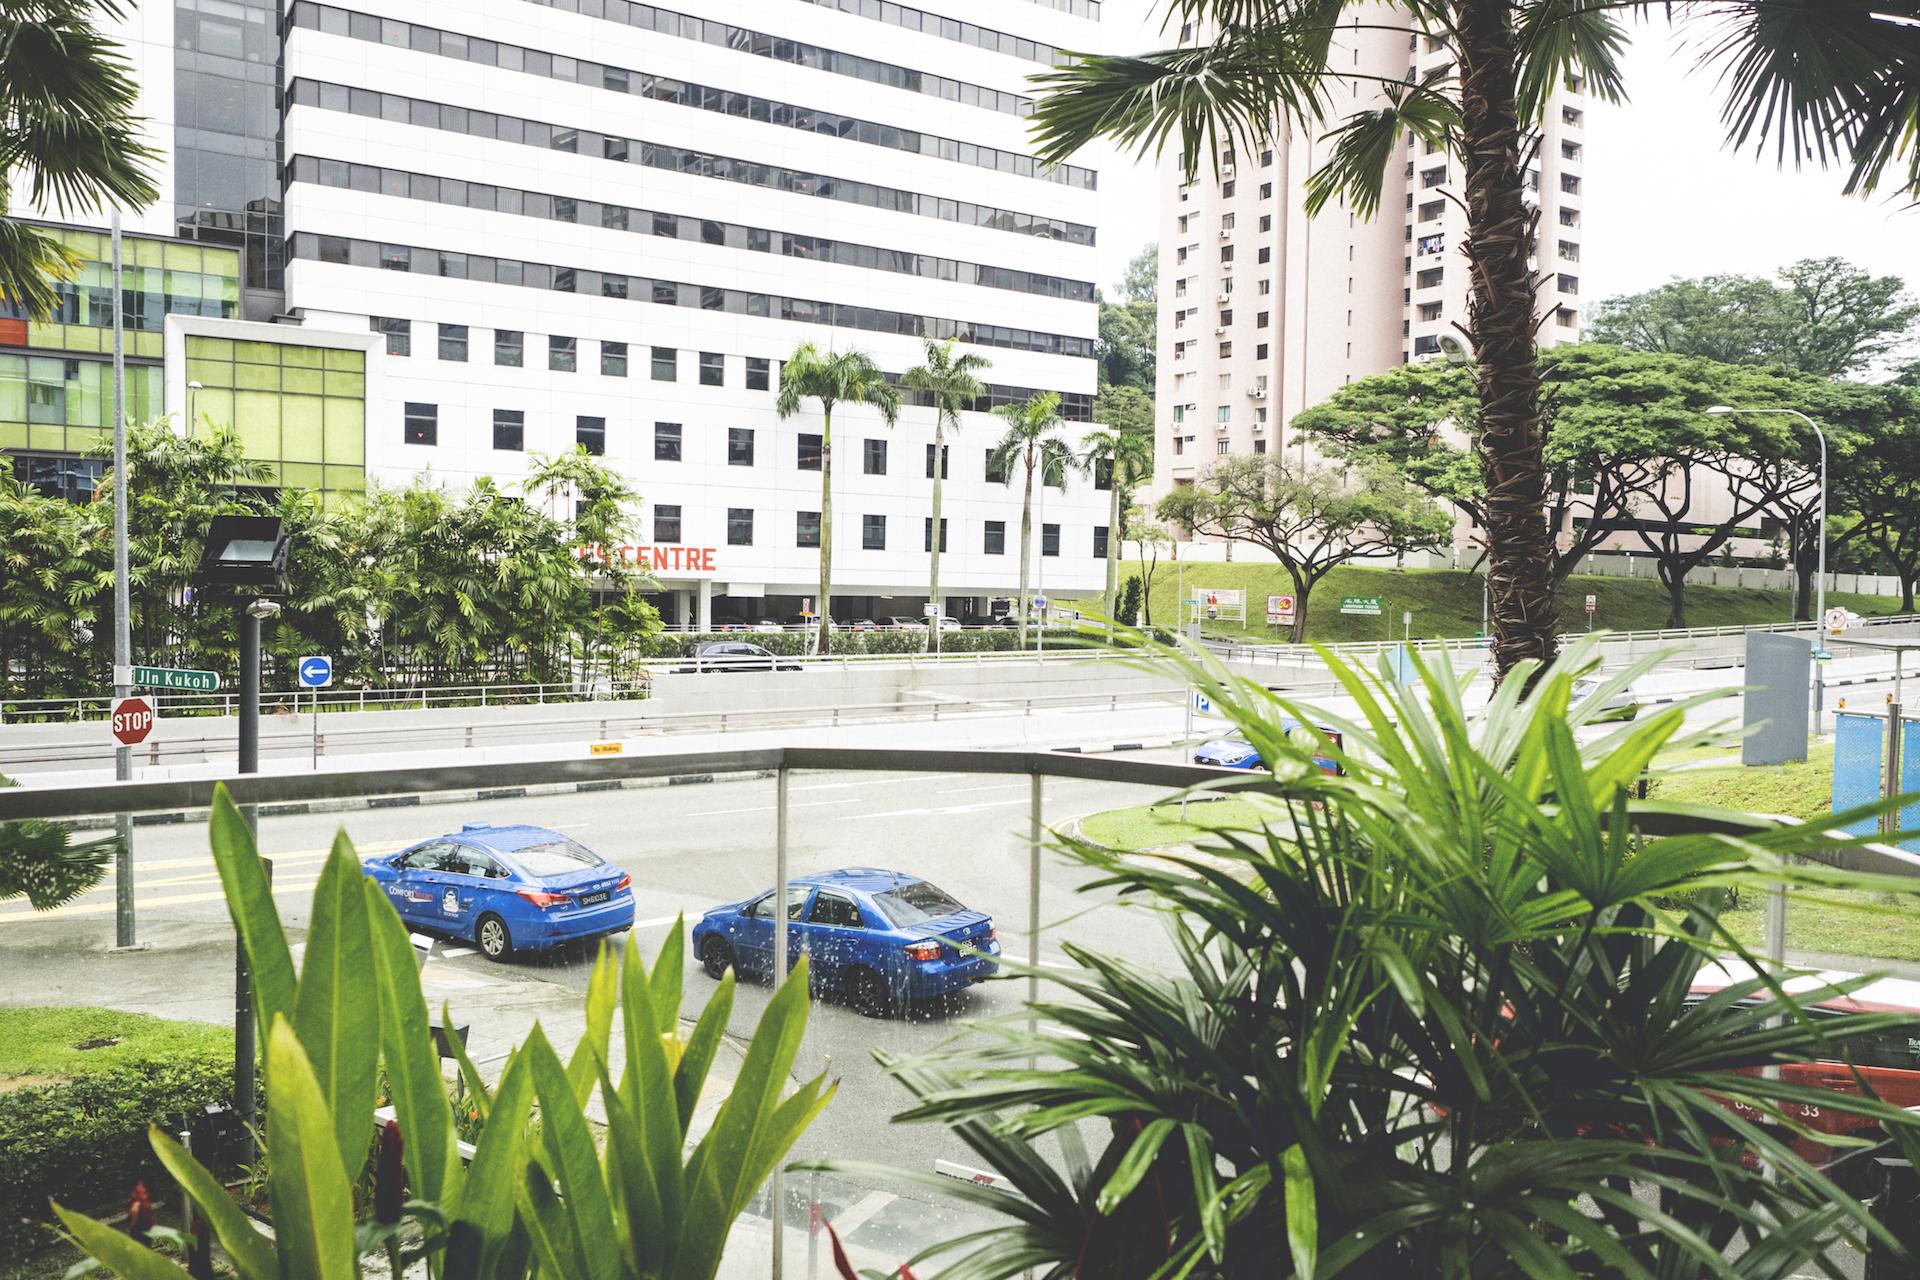 OLYMPUS OM-D E-M1 M.ZUIKO DIGITAL ED 12-40mm F2.8 PRO シンガポール